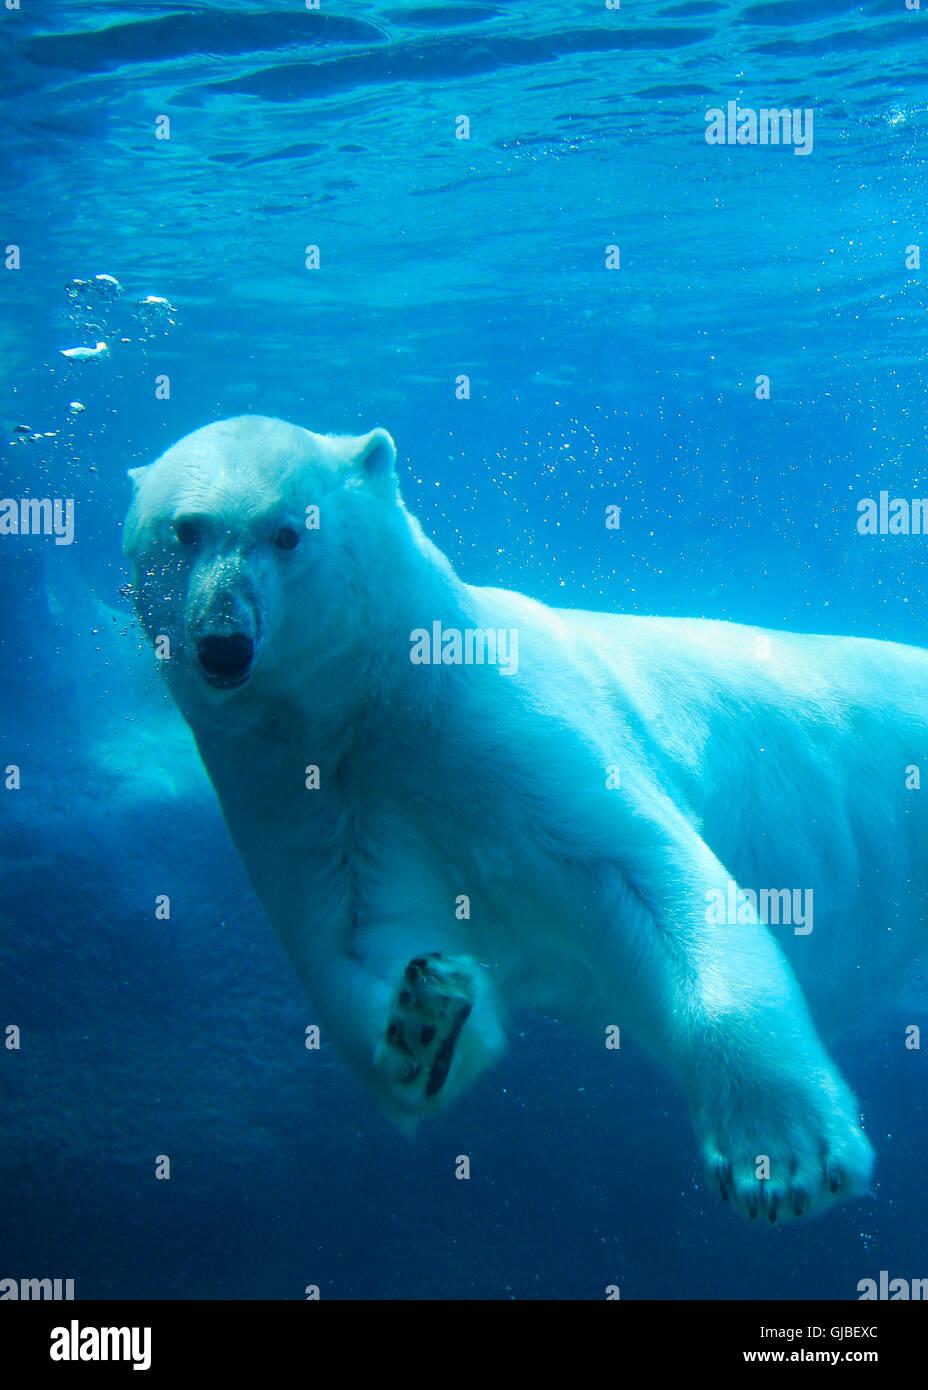 Orso polare nuoto sott'acqua Foto Stock